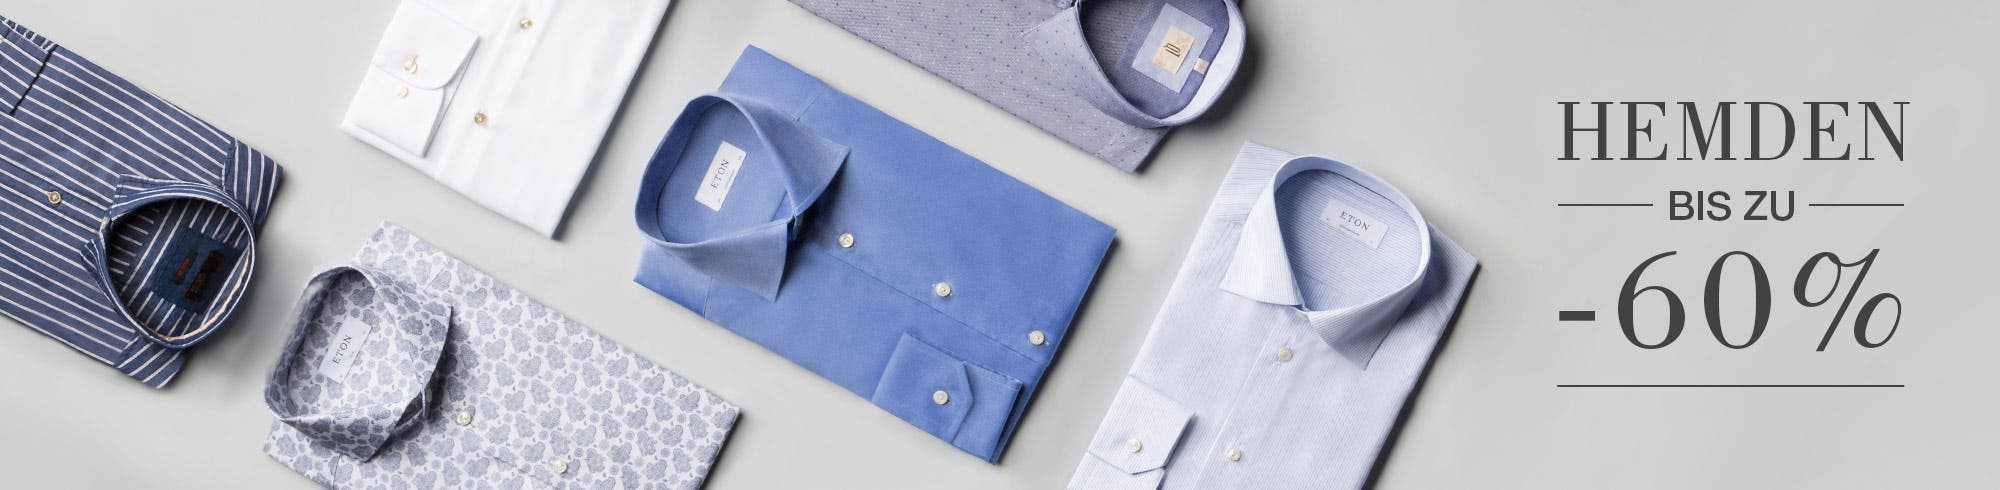 Online Shop; Herren · Bekleidung; Hemden